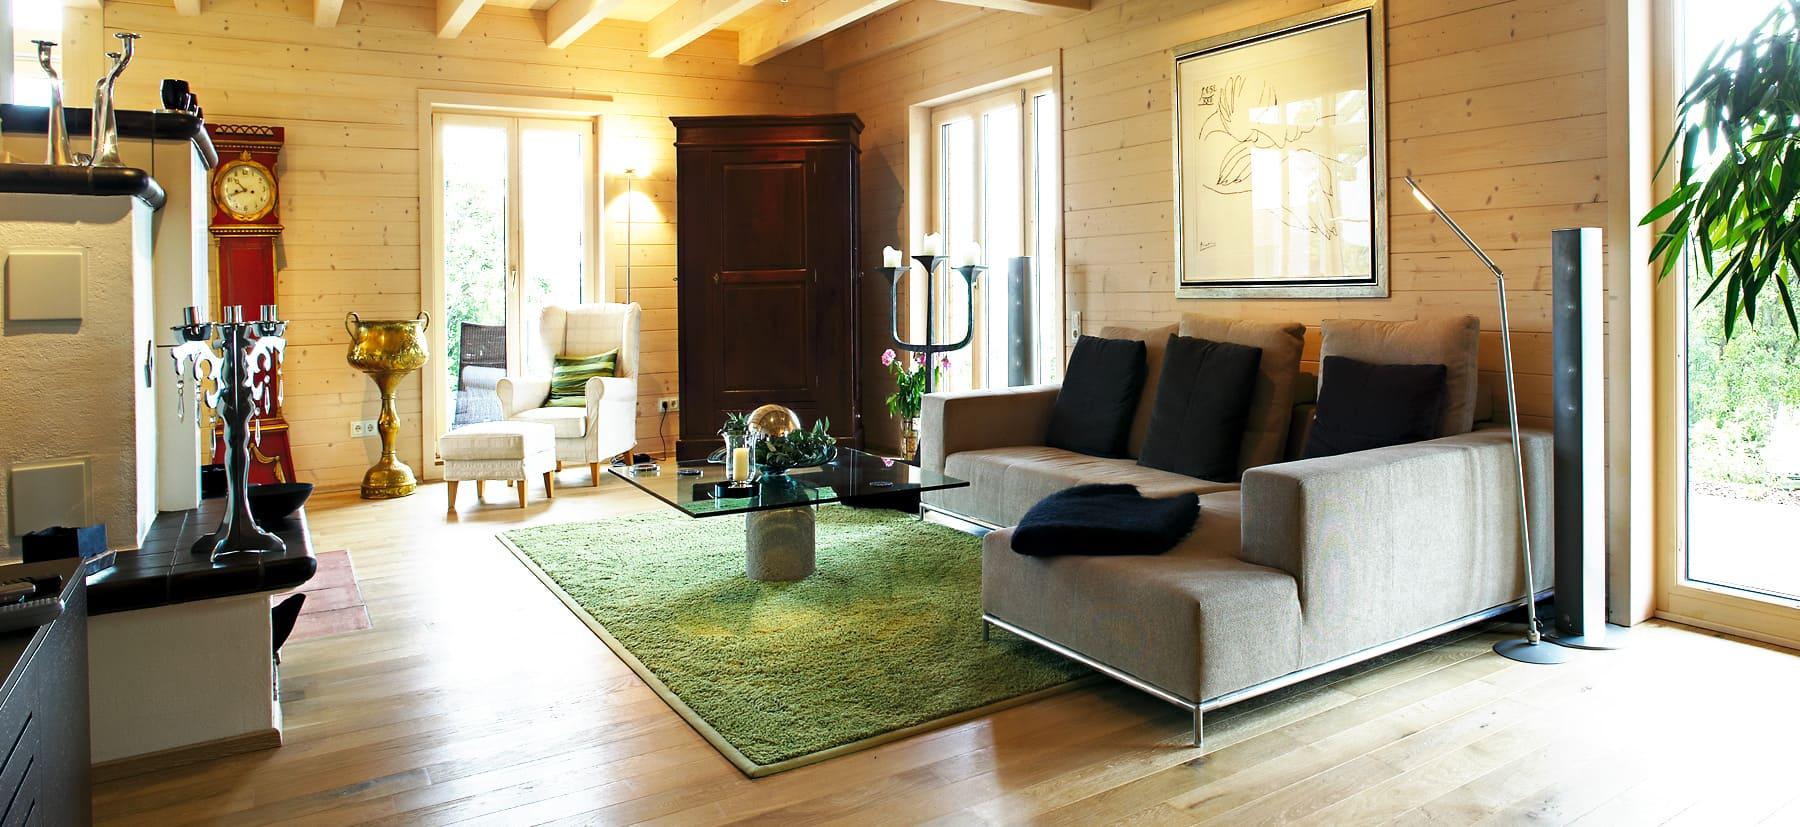 kundenhaus g ngerich ein elegantes holzhaus von bauen sie ihr holzhaus. Black Bedroom Furniture Sets. Home Design Ideas